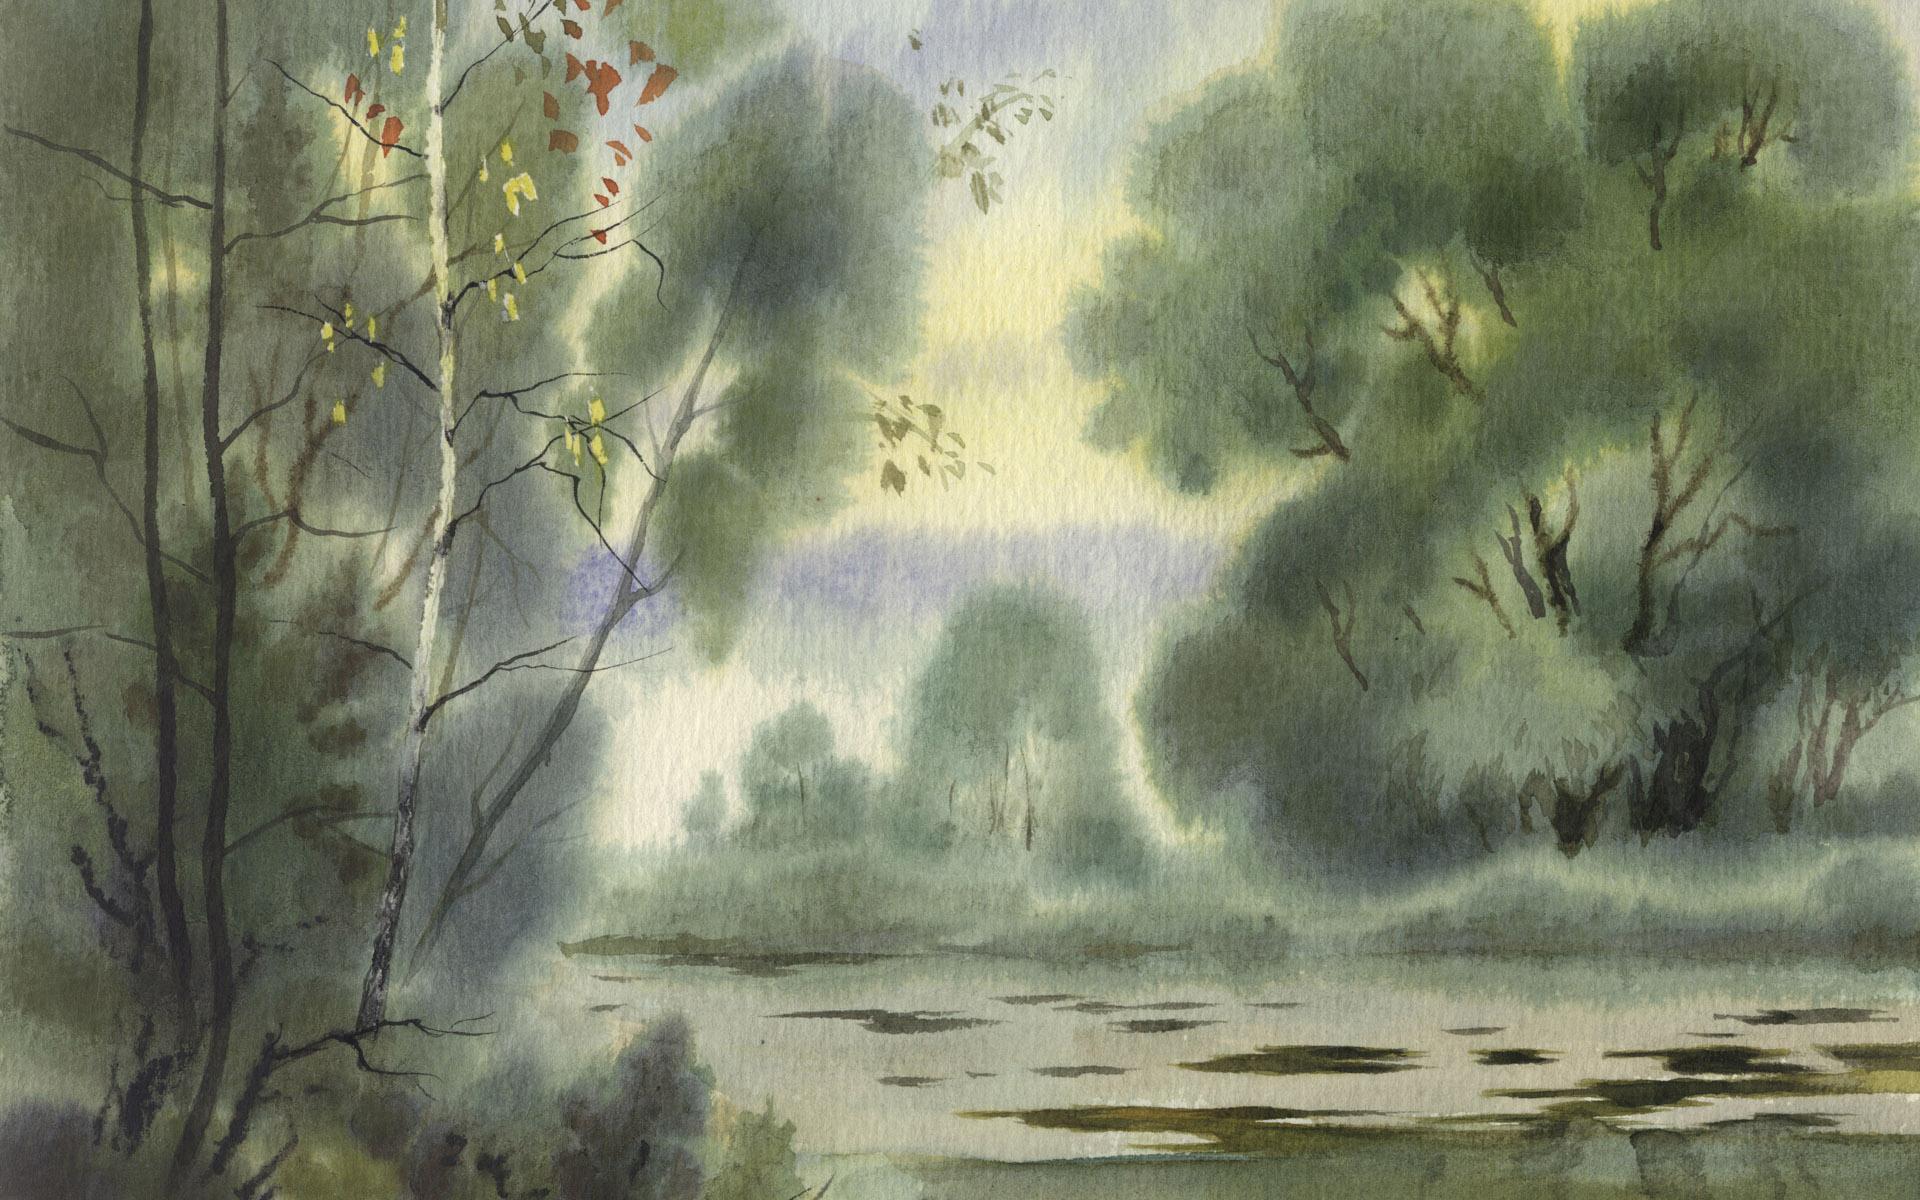 壁纸1920×1200水彩景色 1 14壁纸 动植风光 水彩景色 第一辑壁纸图片绘画壁纸绘画图片素材桌面壁纸